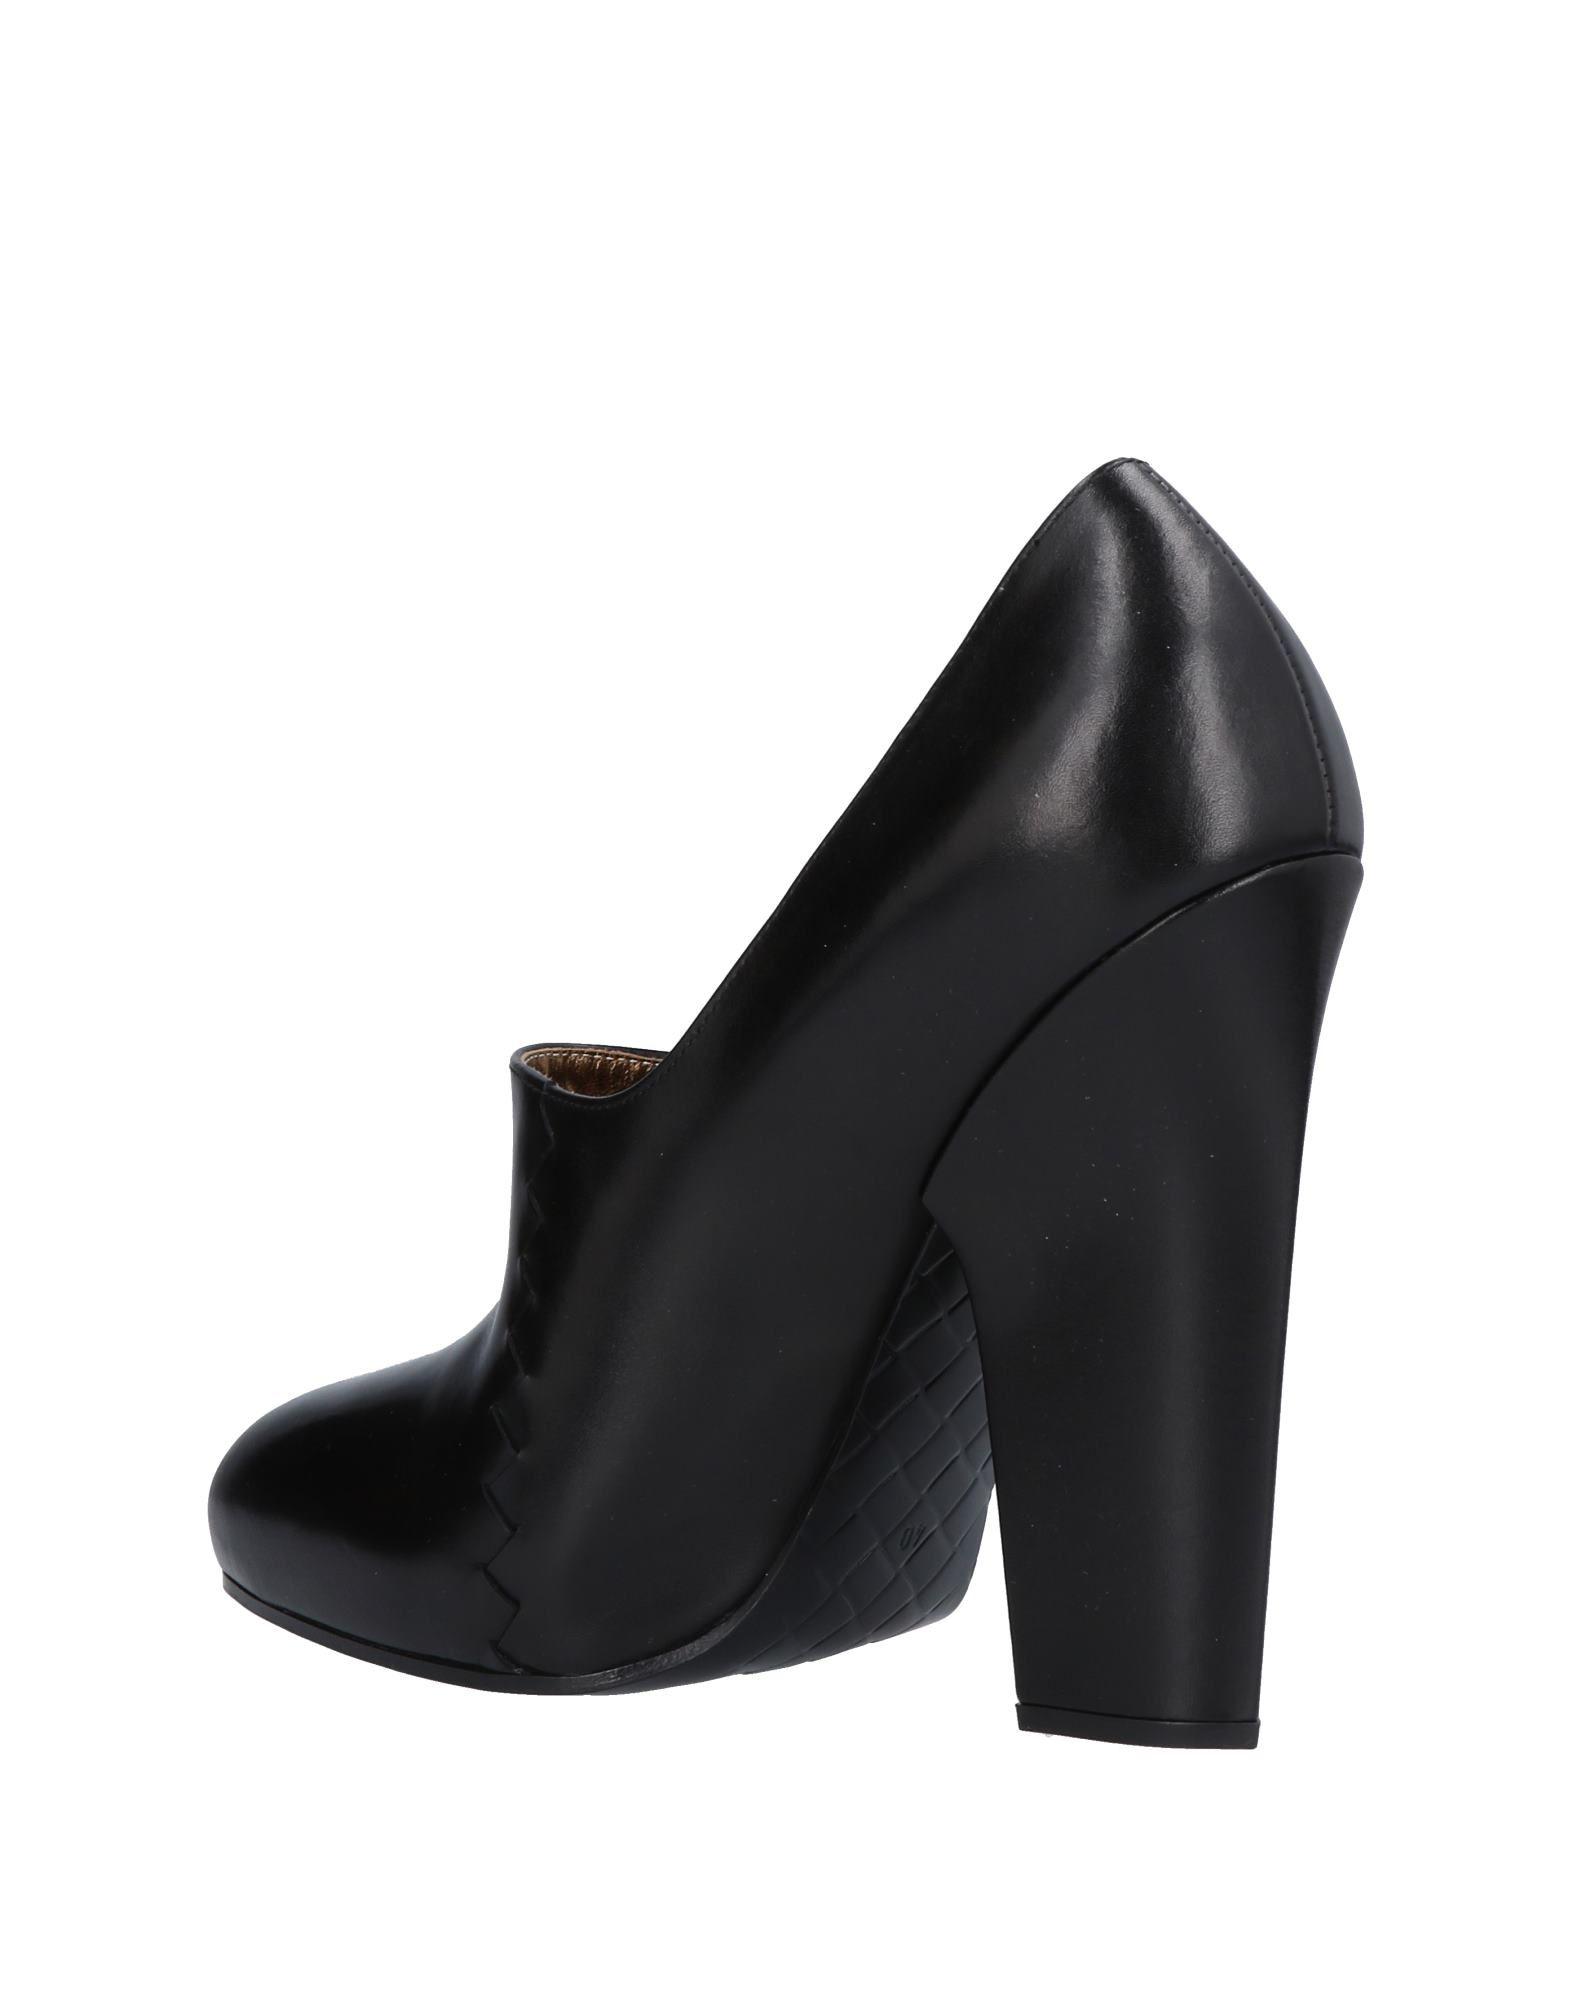 Bottega Veneta Pumps aussehende Damen  11464072RQGünstige gut aussehende Pumps Schuhe dc3ddd